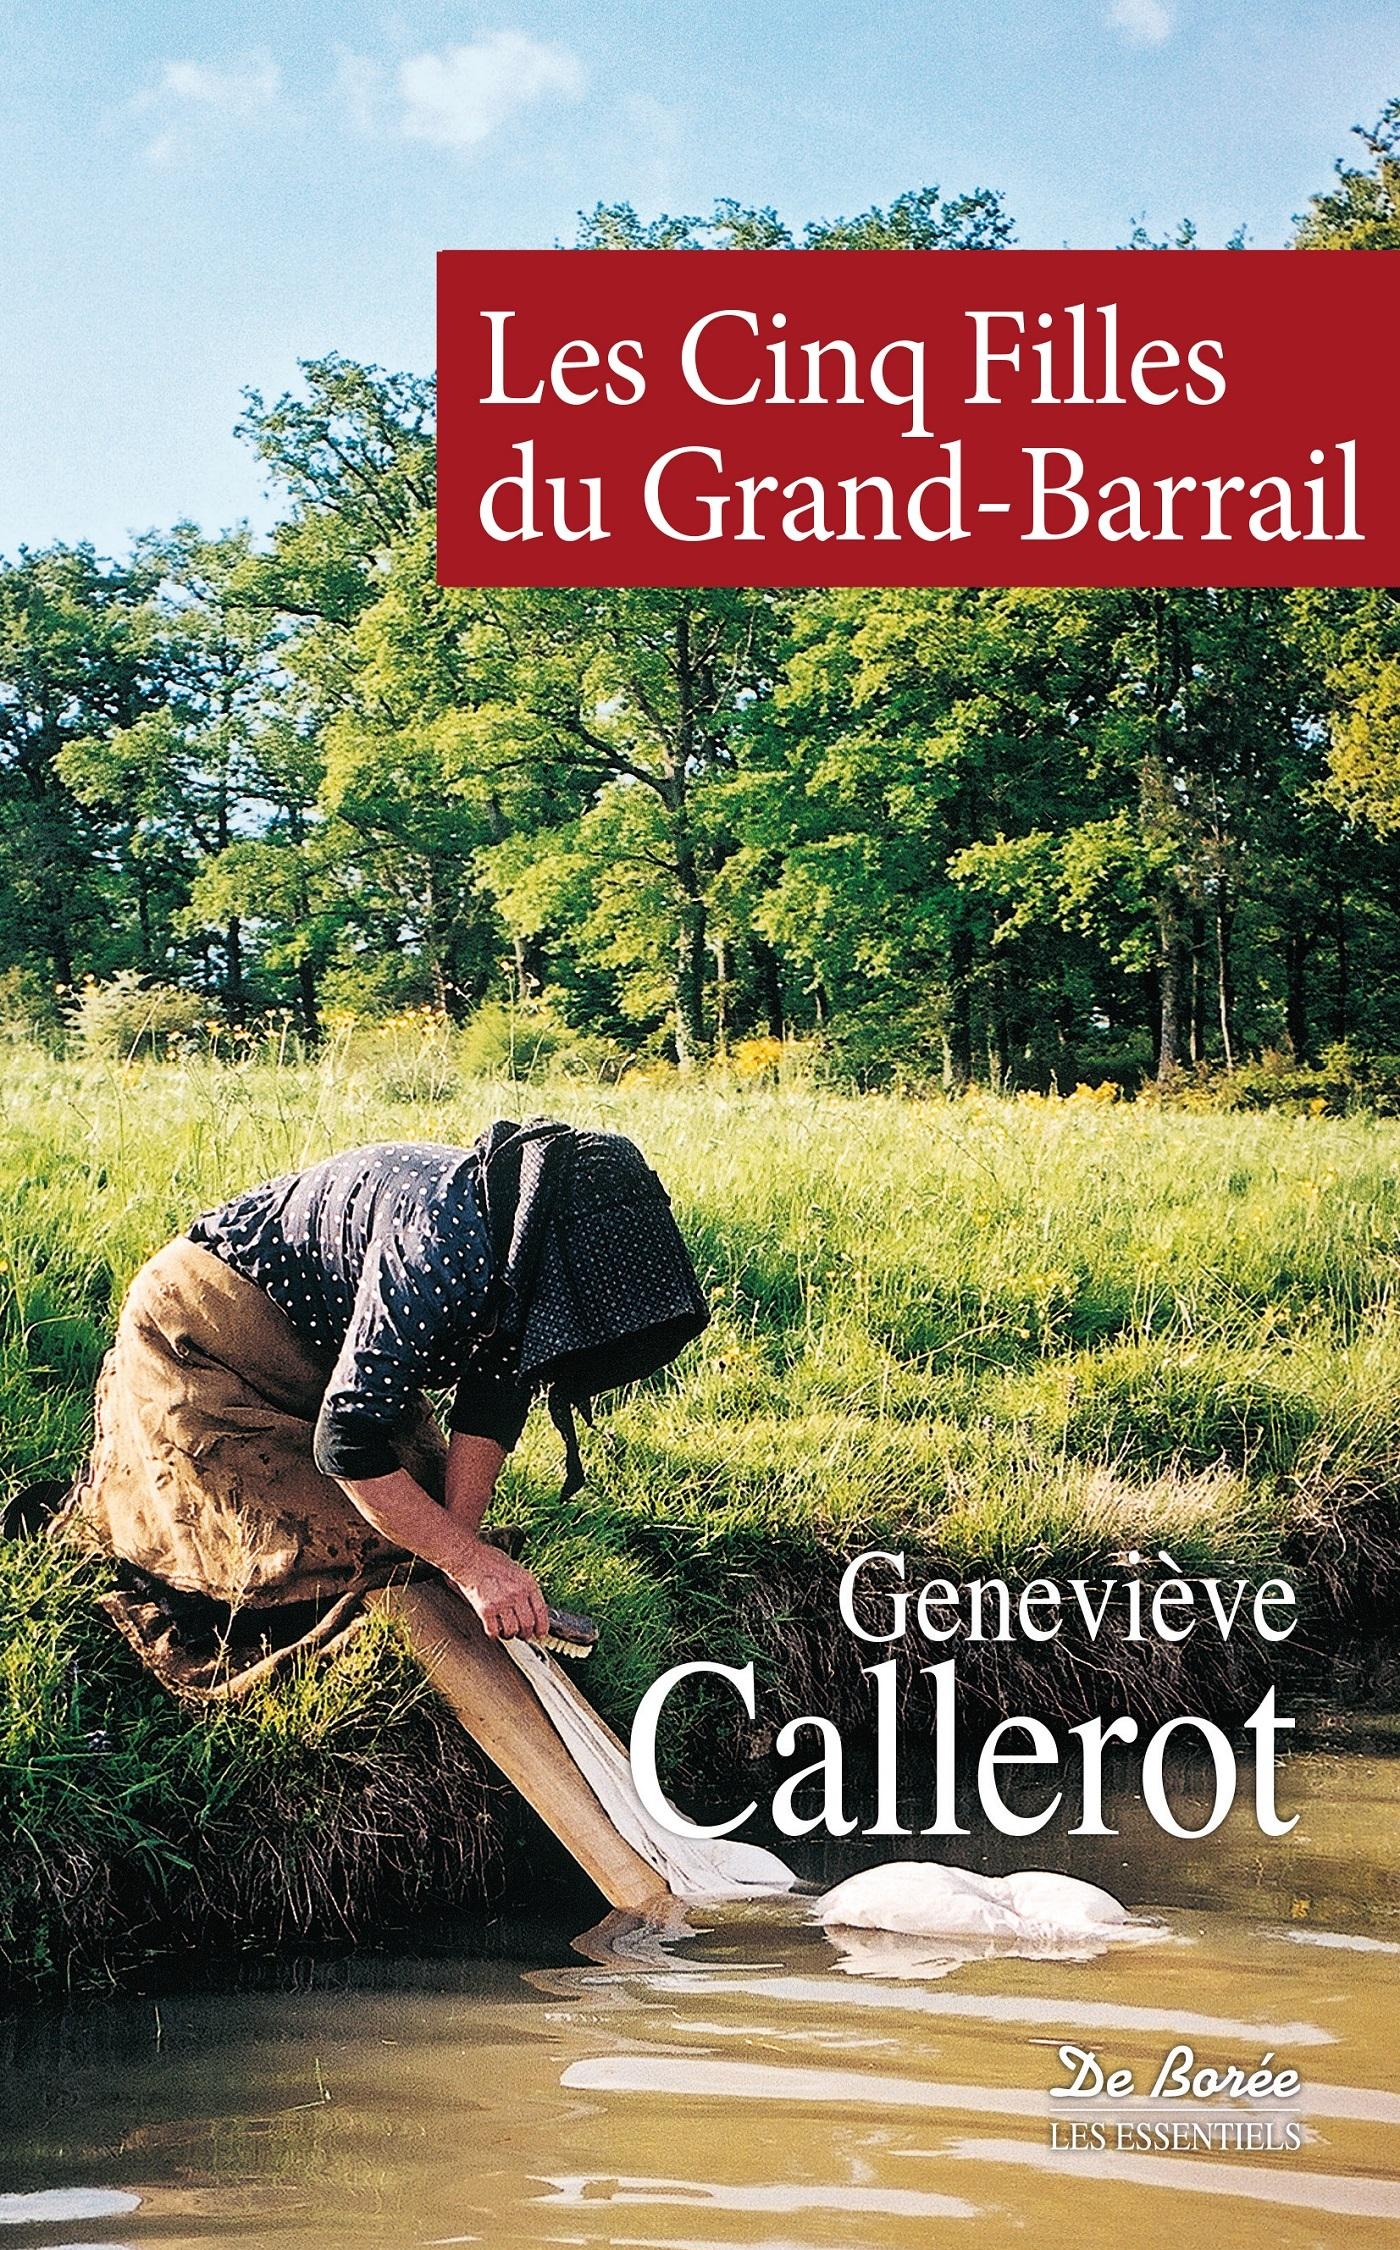 CINQ FILLES DU GRAND-BARRAIL (LES)